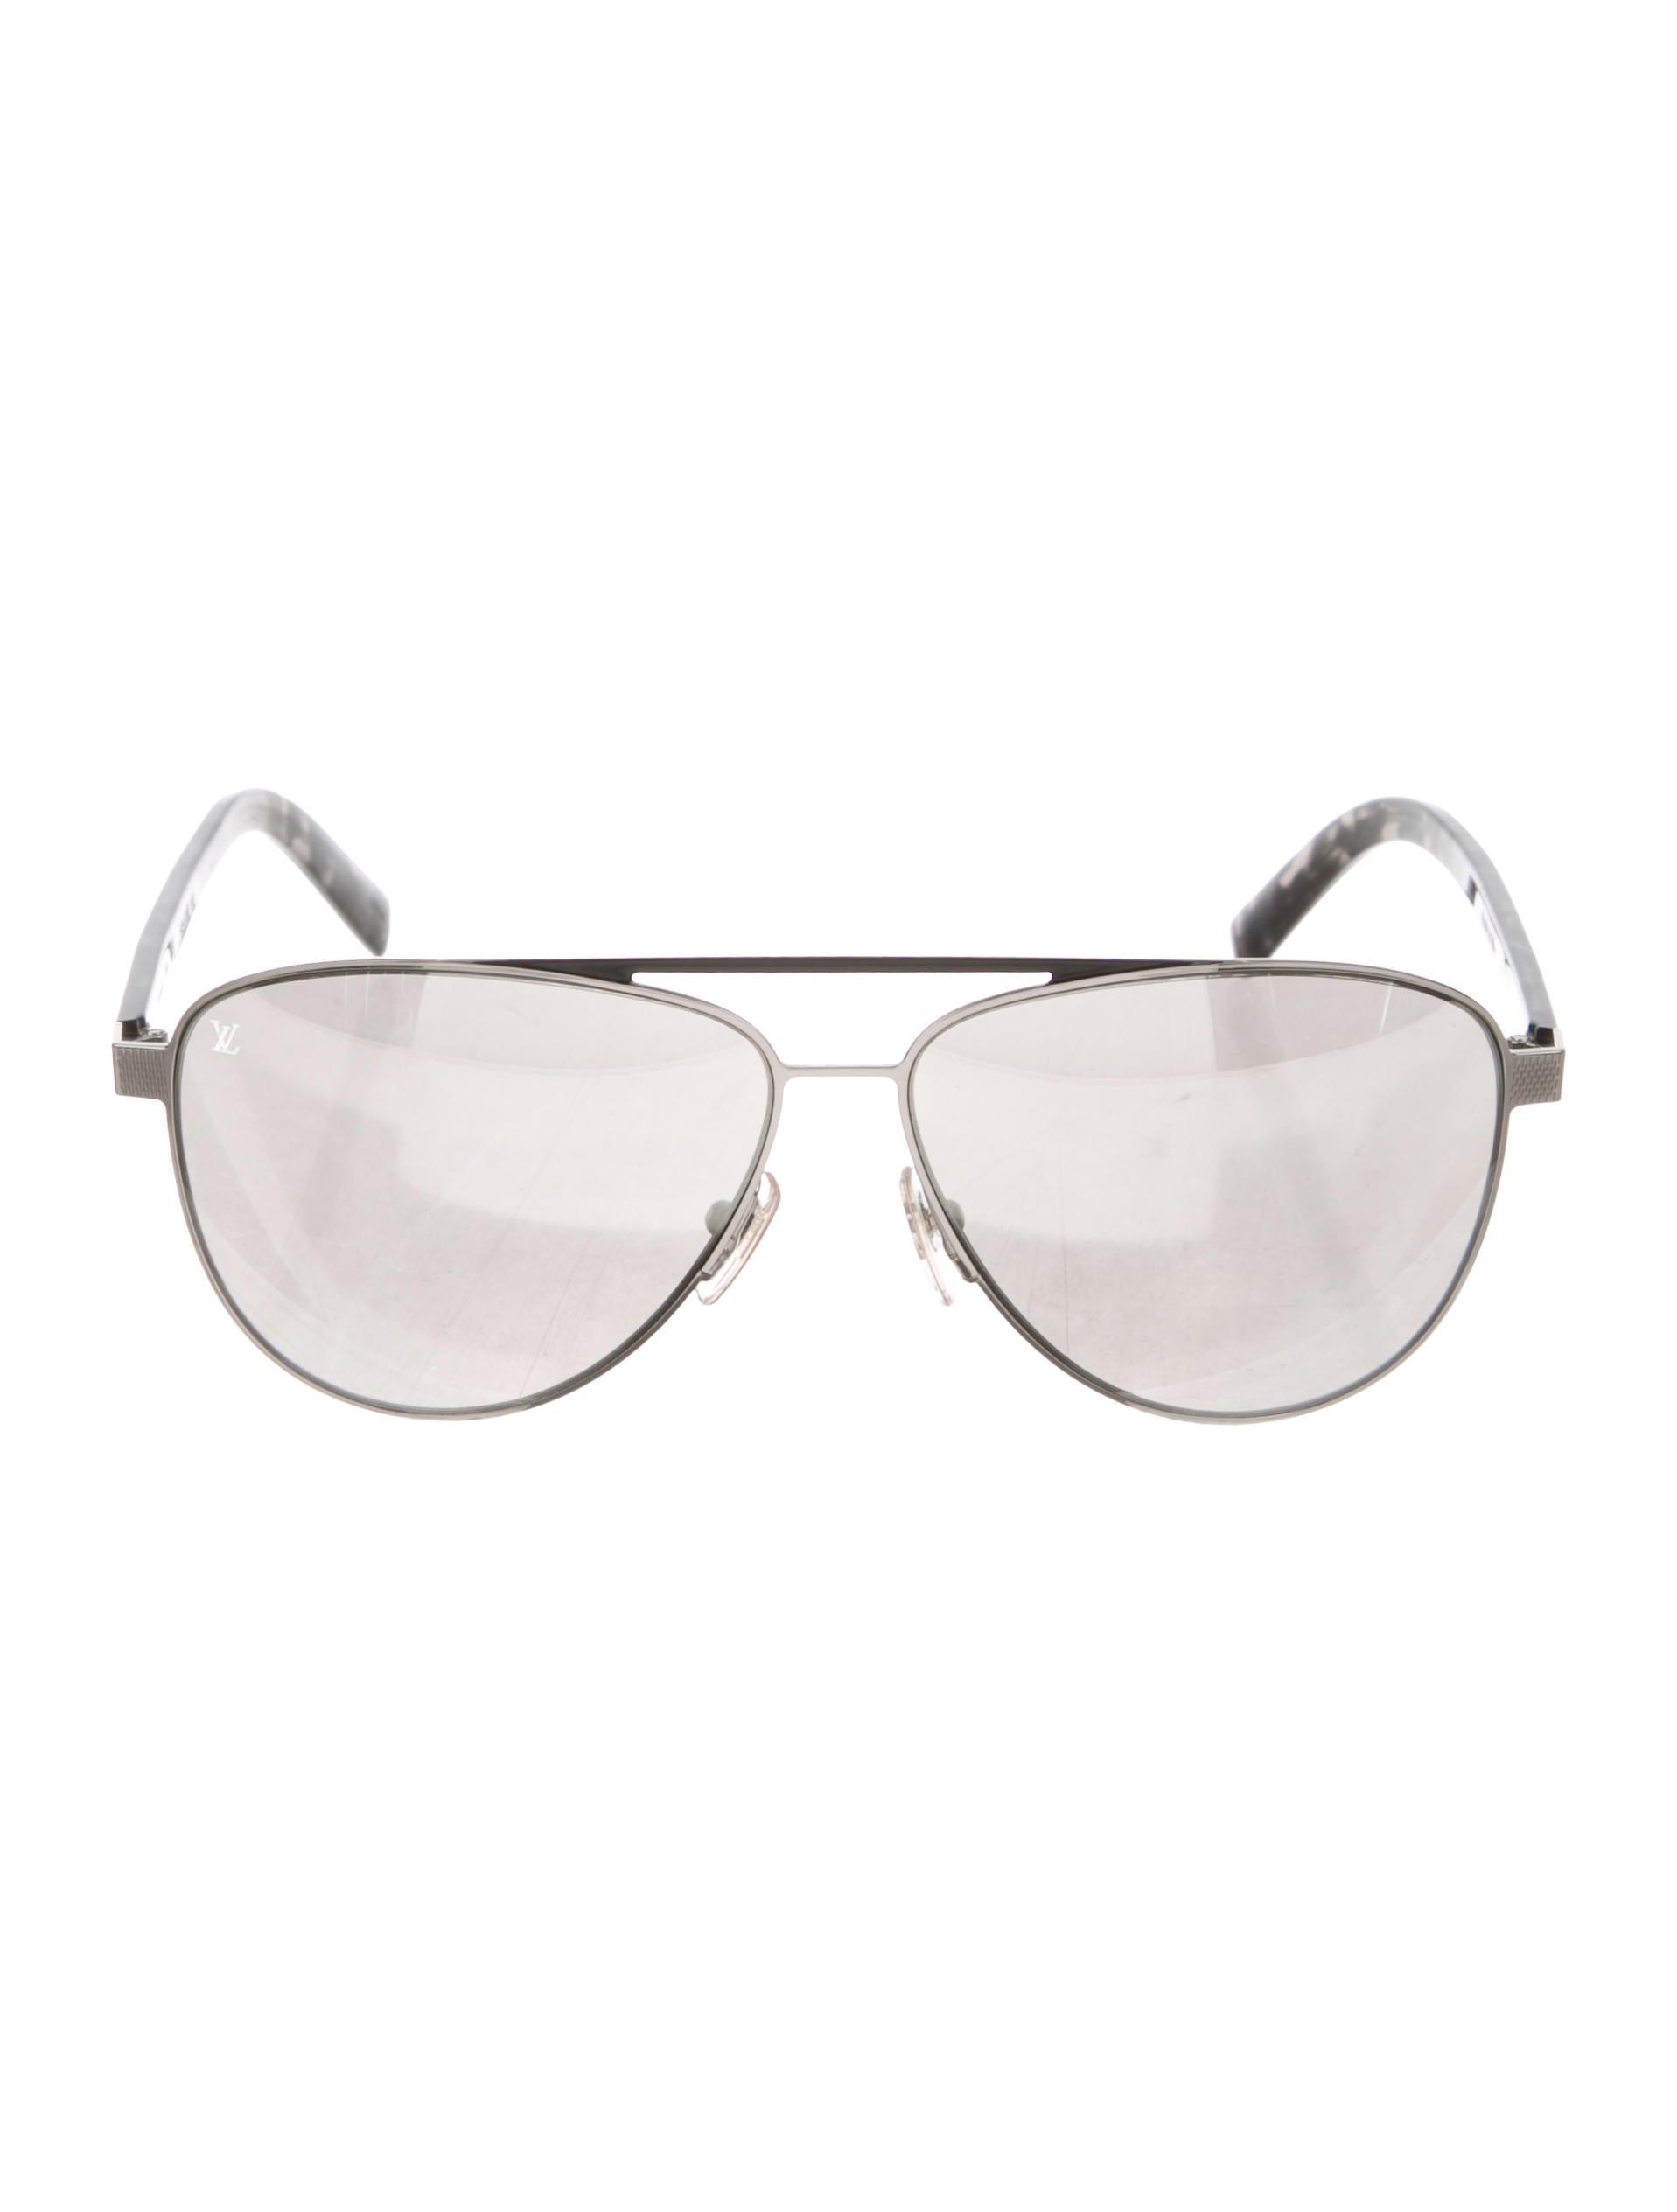 c3409575d1760 Louis Vuitton Starship Sunglasses - Accessories - LOU221049